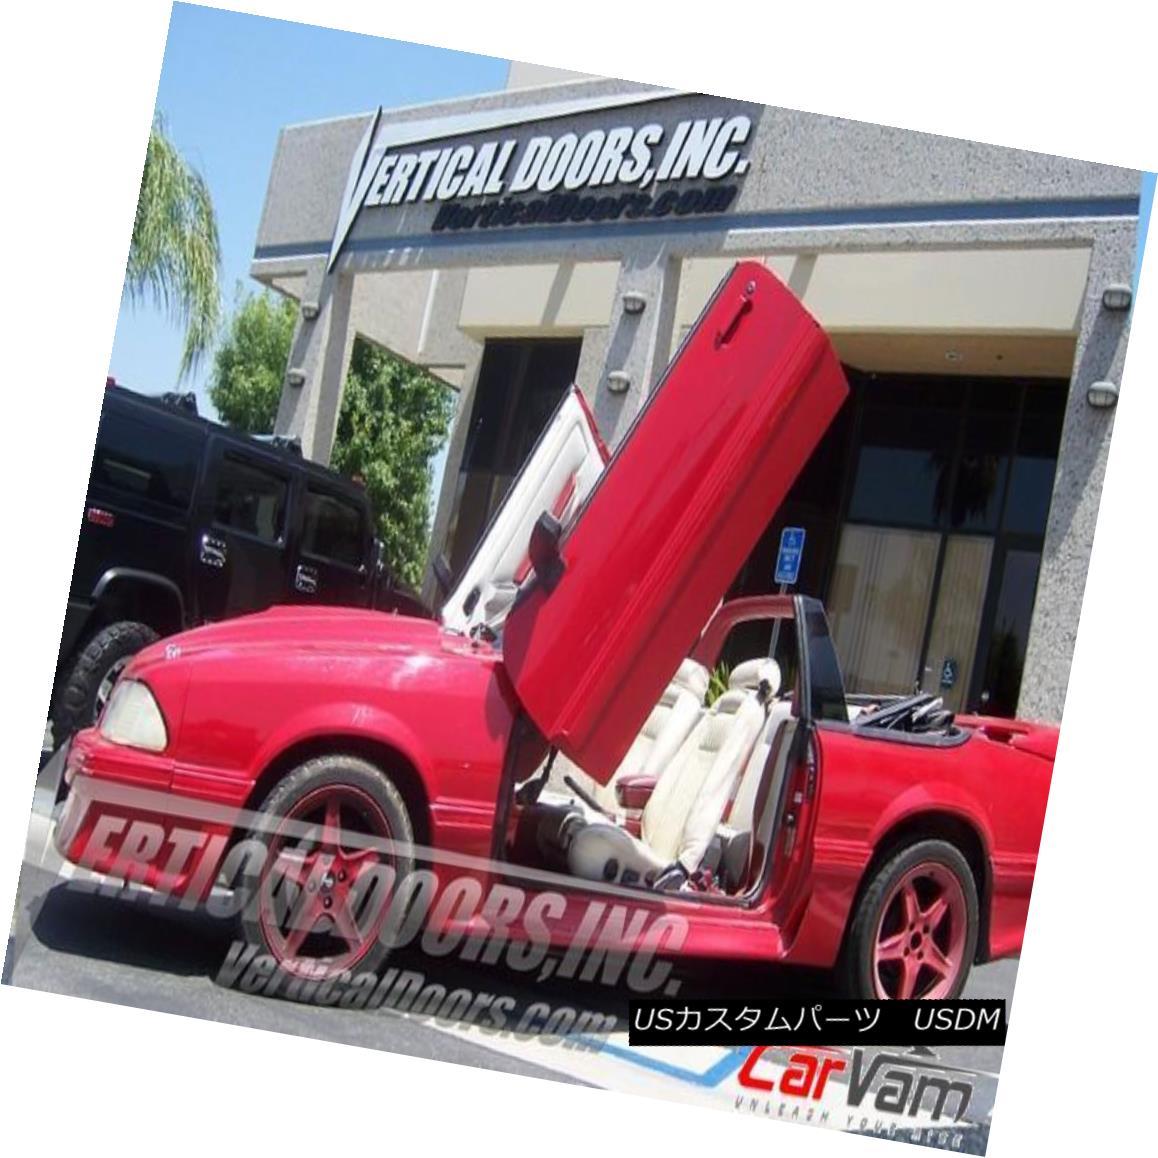 ガルウィングキット Vertical Doors - Vertical Lambo Door Kit For Ford Mustang 1979-93 2DR -VDCFM7993 垂直ドア - フォードマスタング1979-93 2DRのための垂直のランボルギーニドアキット--VDCFM7993